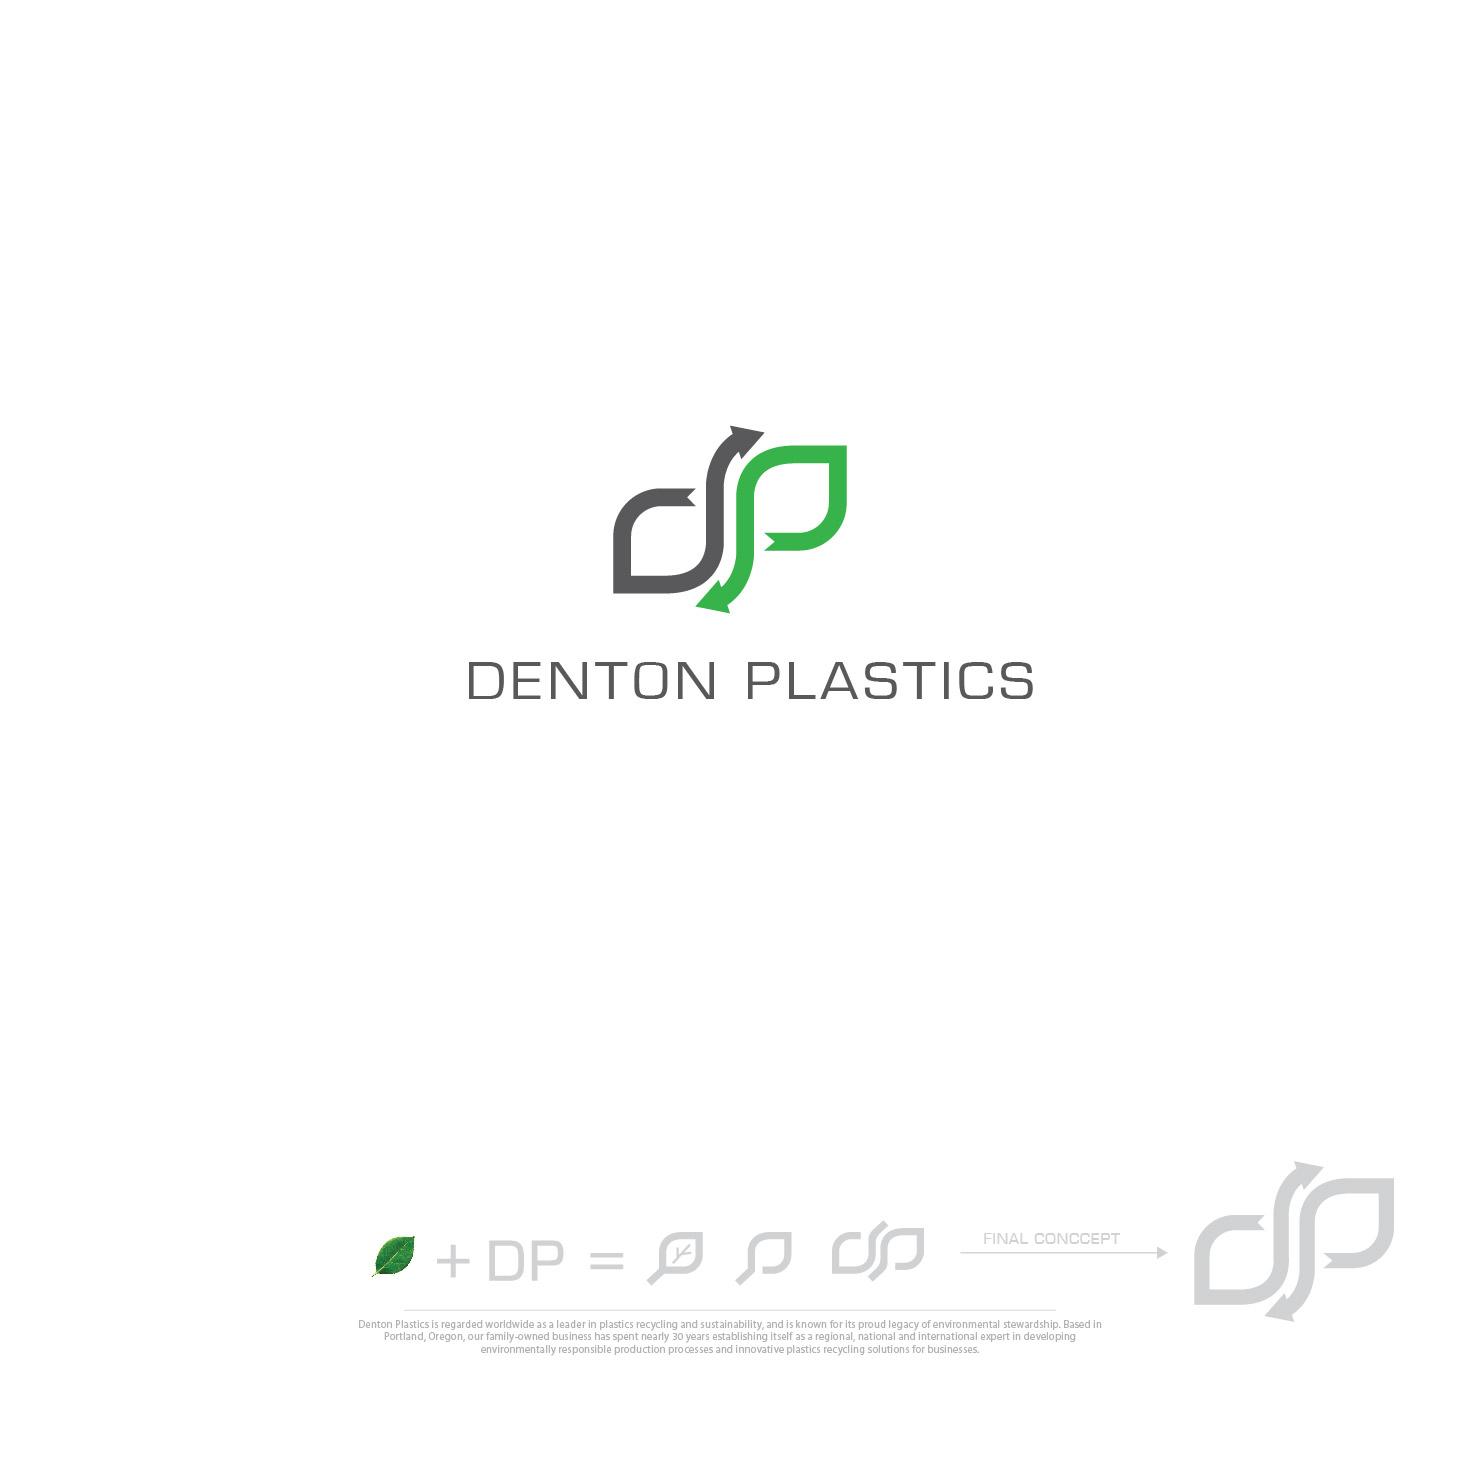 Design Plastics logo